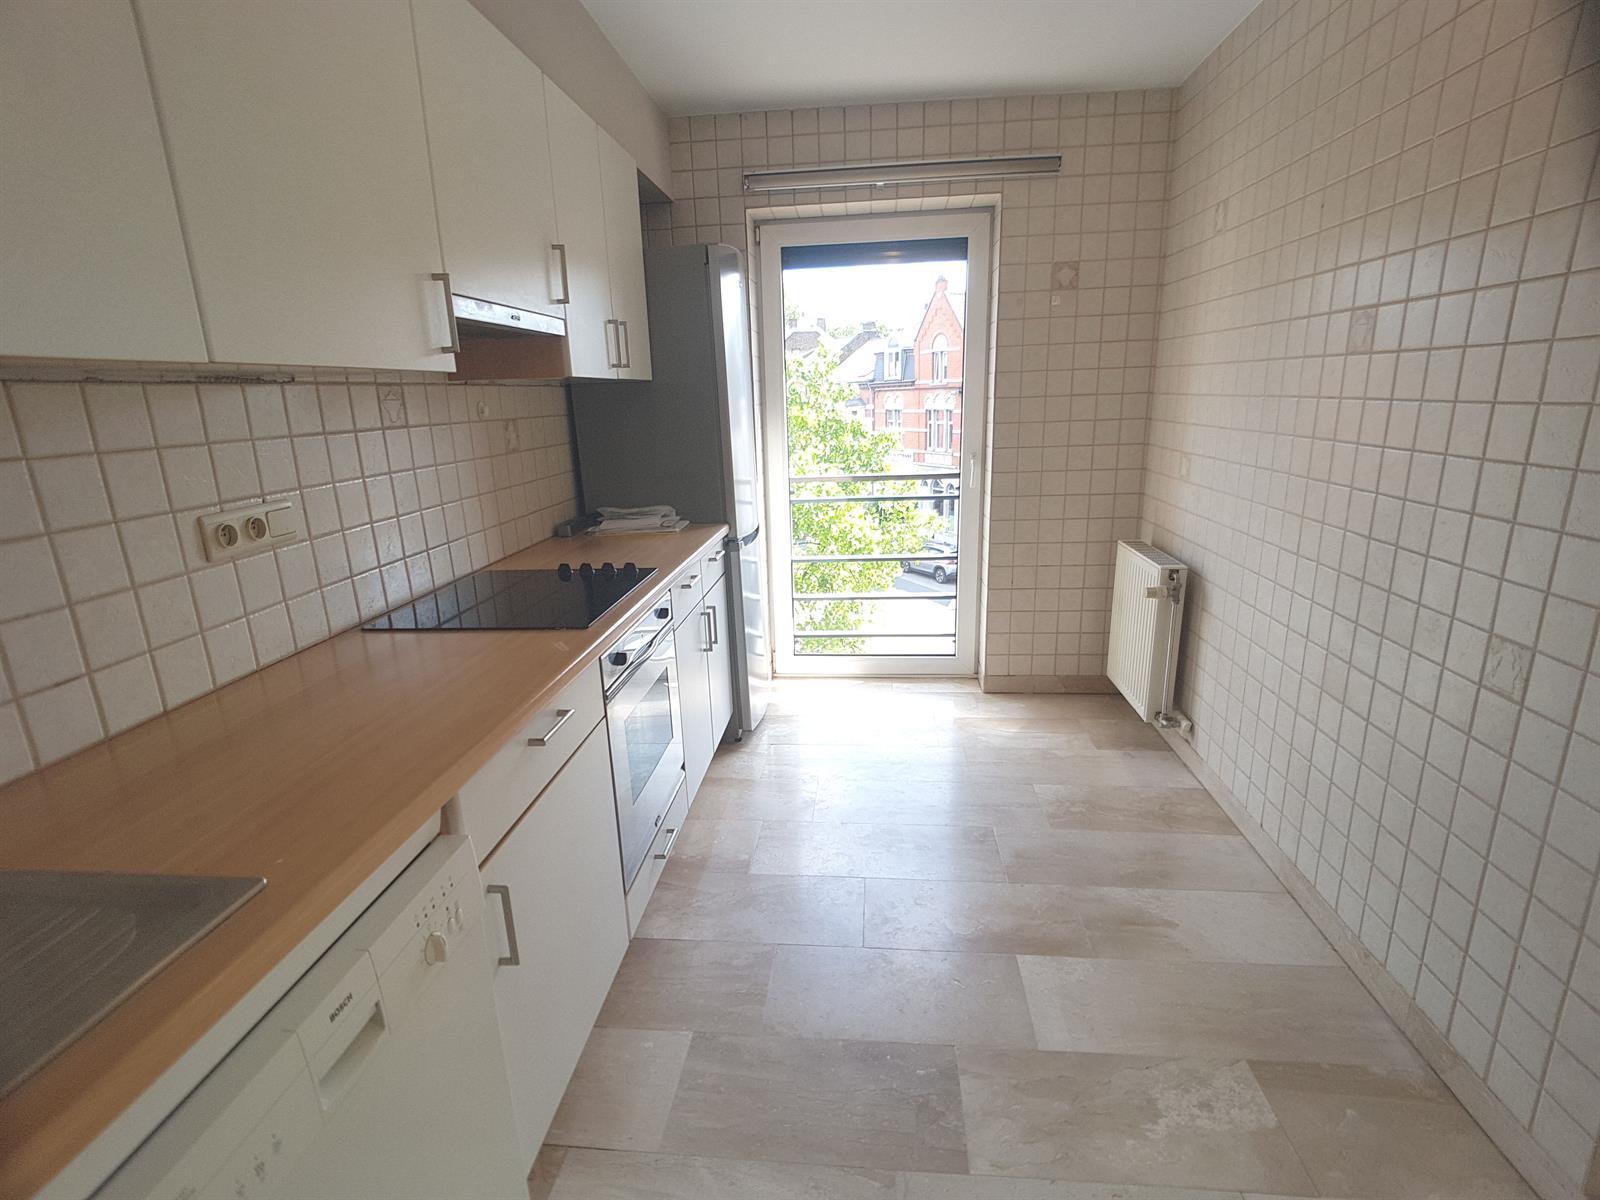 Appartement - Court-St.-Etienne - #4078945-11